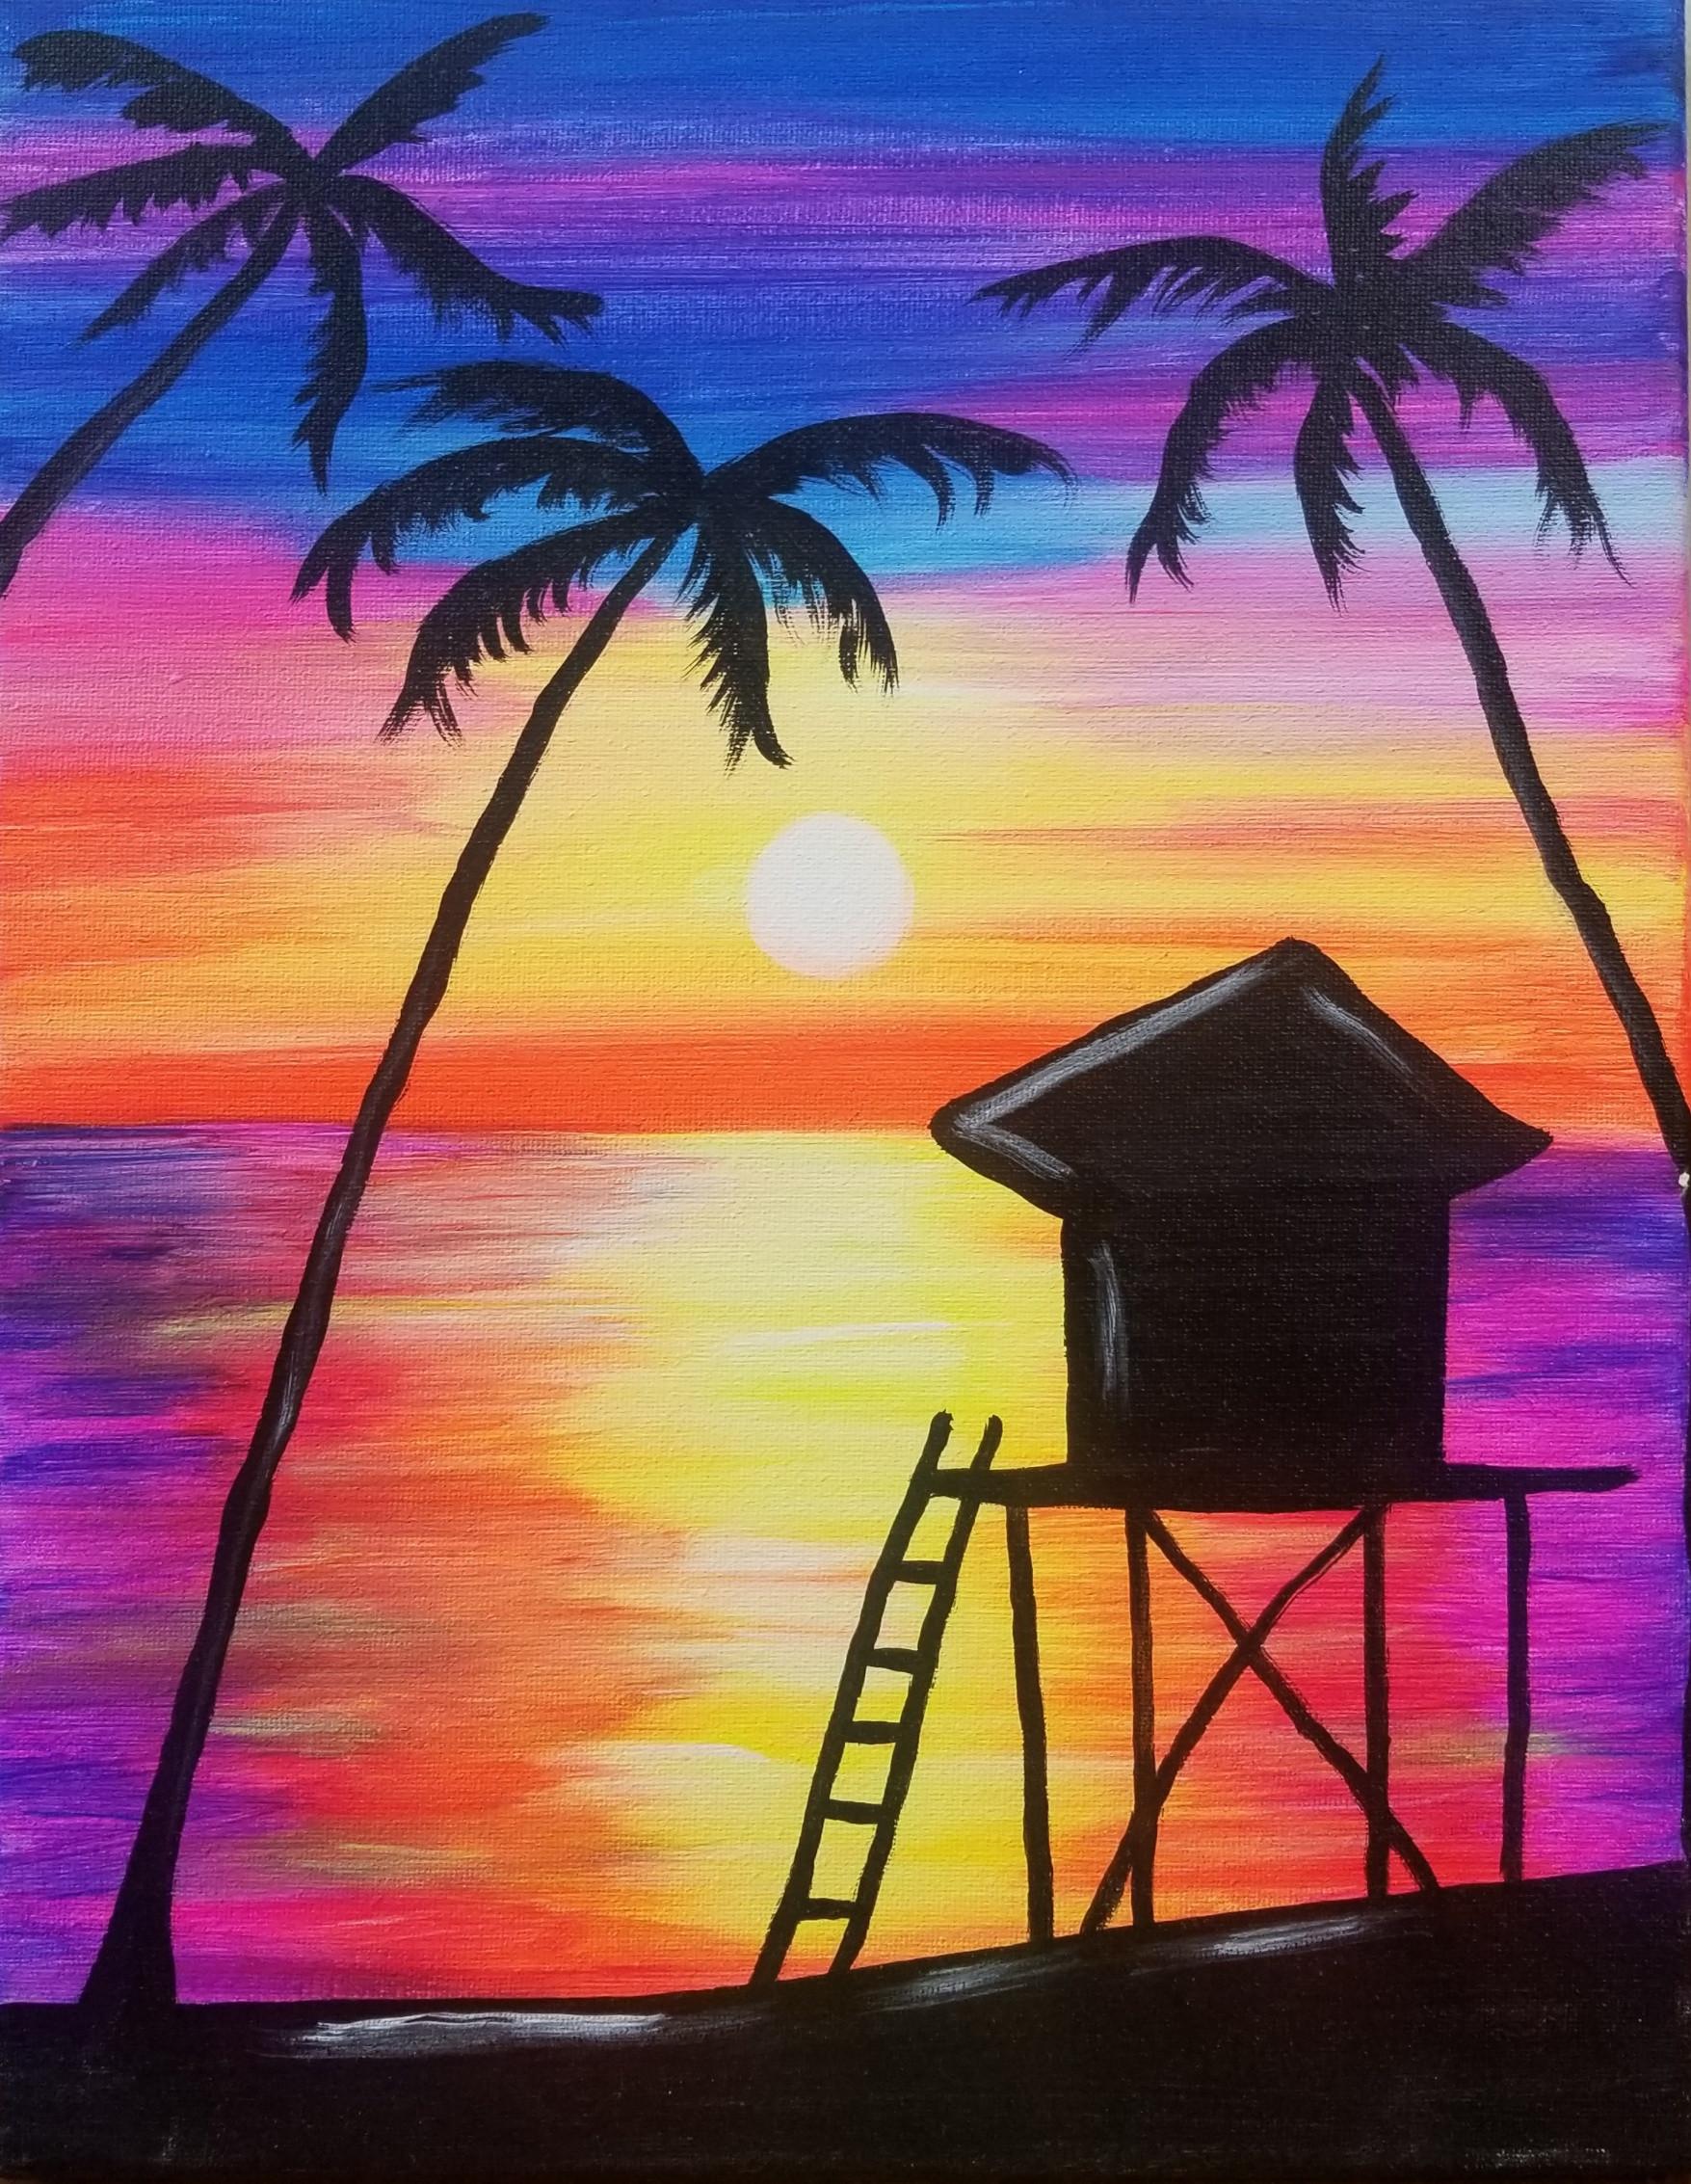 Neon Hut Sunset